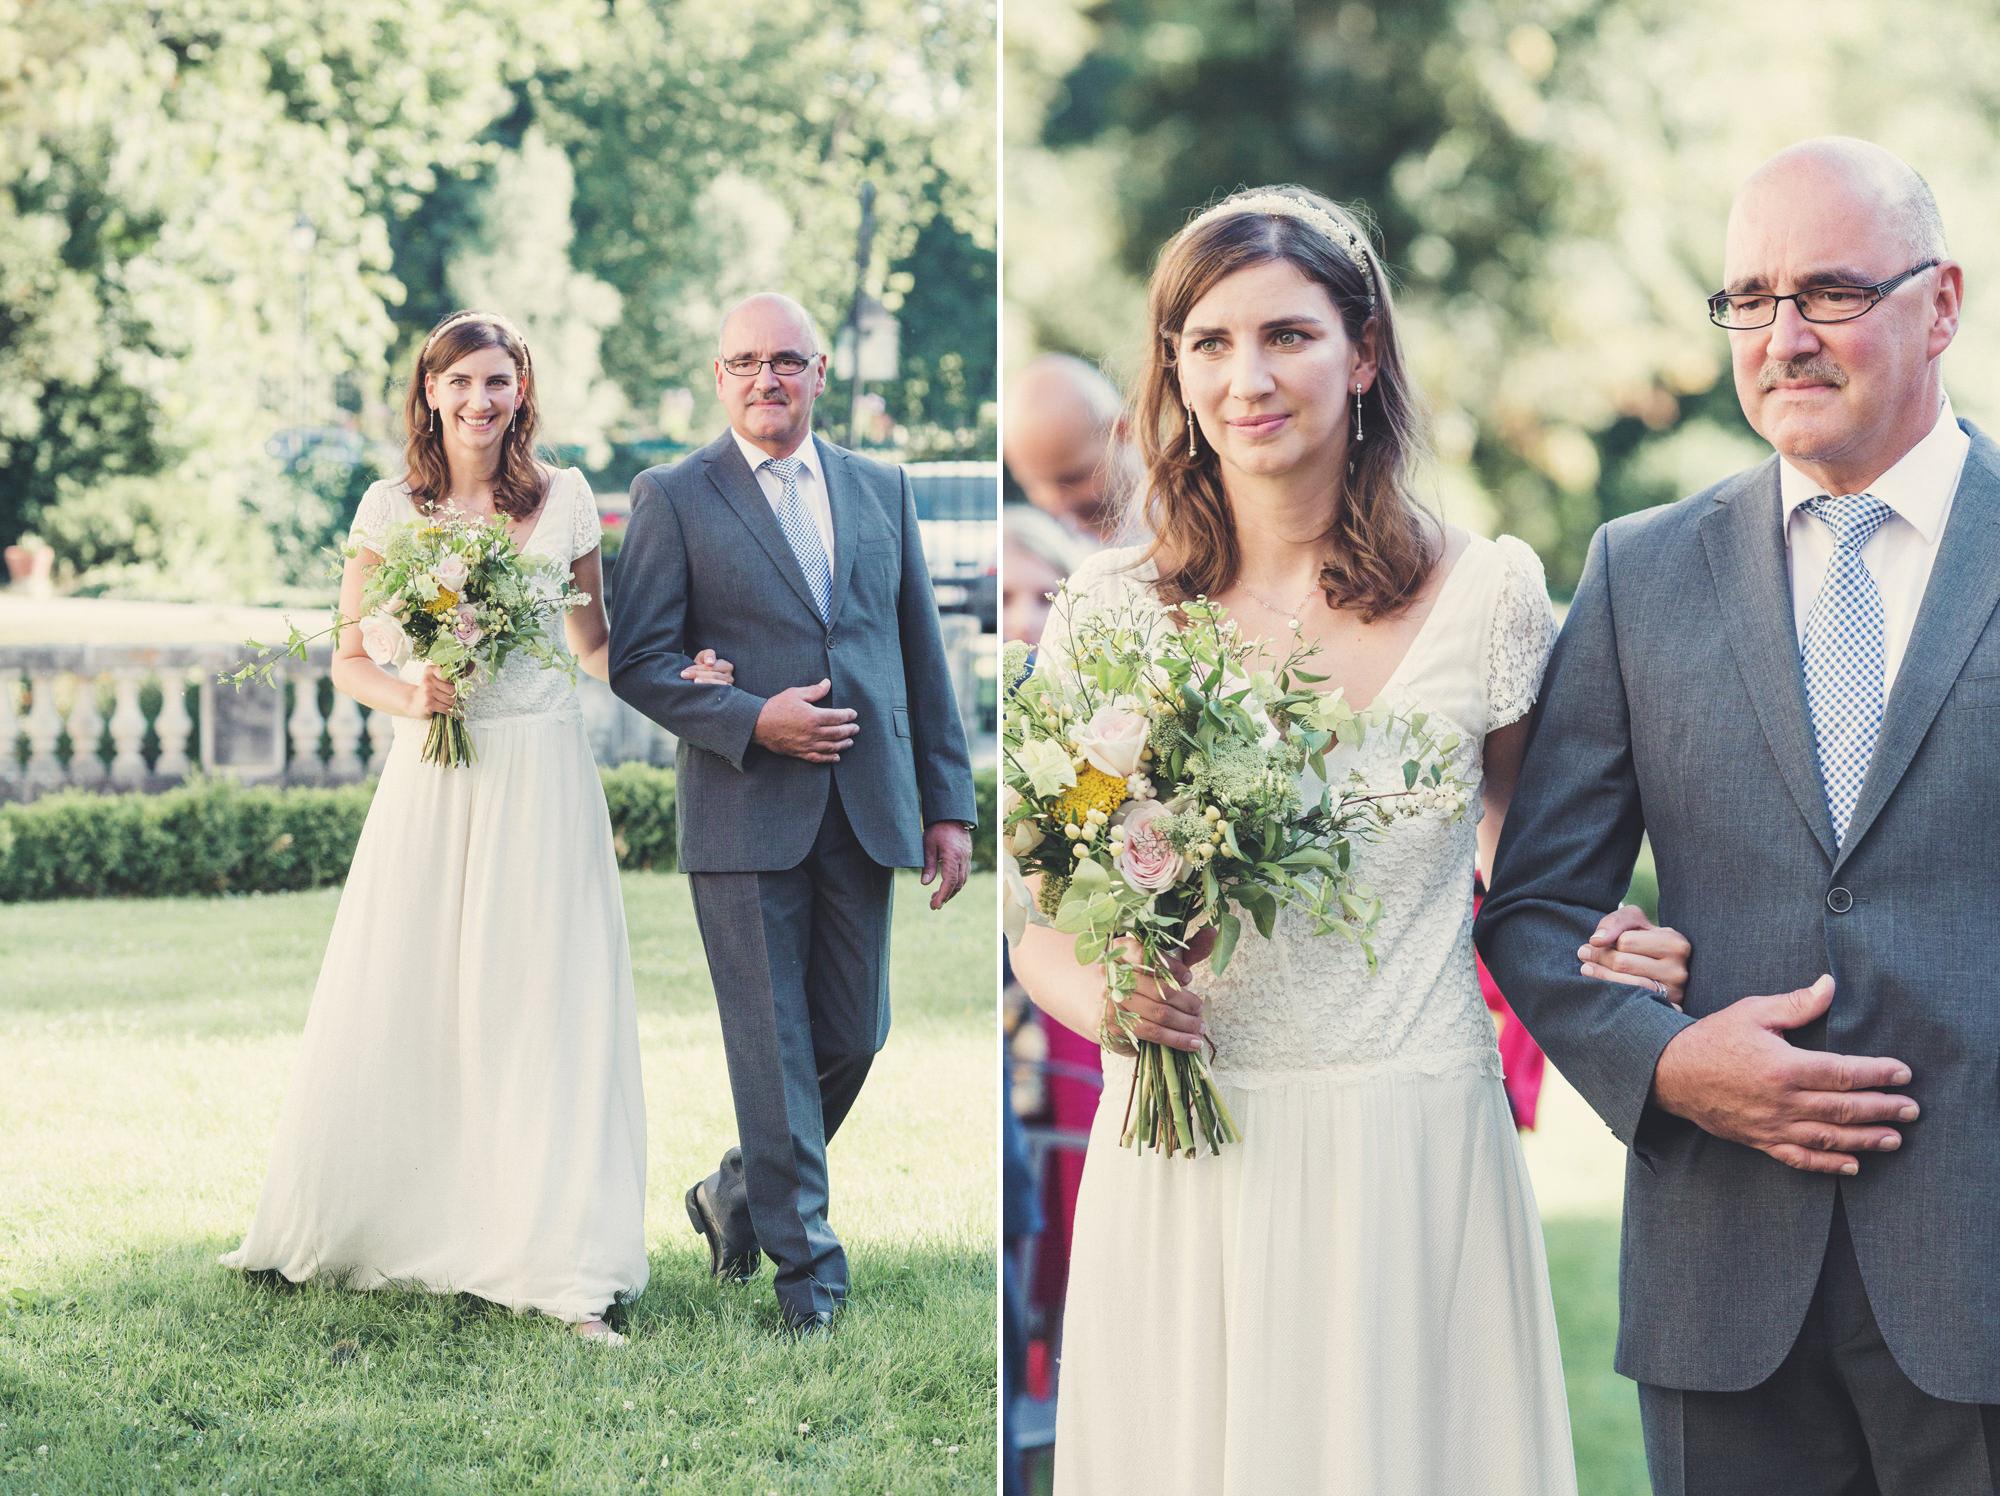 Mariage au Chateau d'Ermenonville@Anne-Claire Brun 40